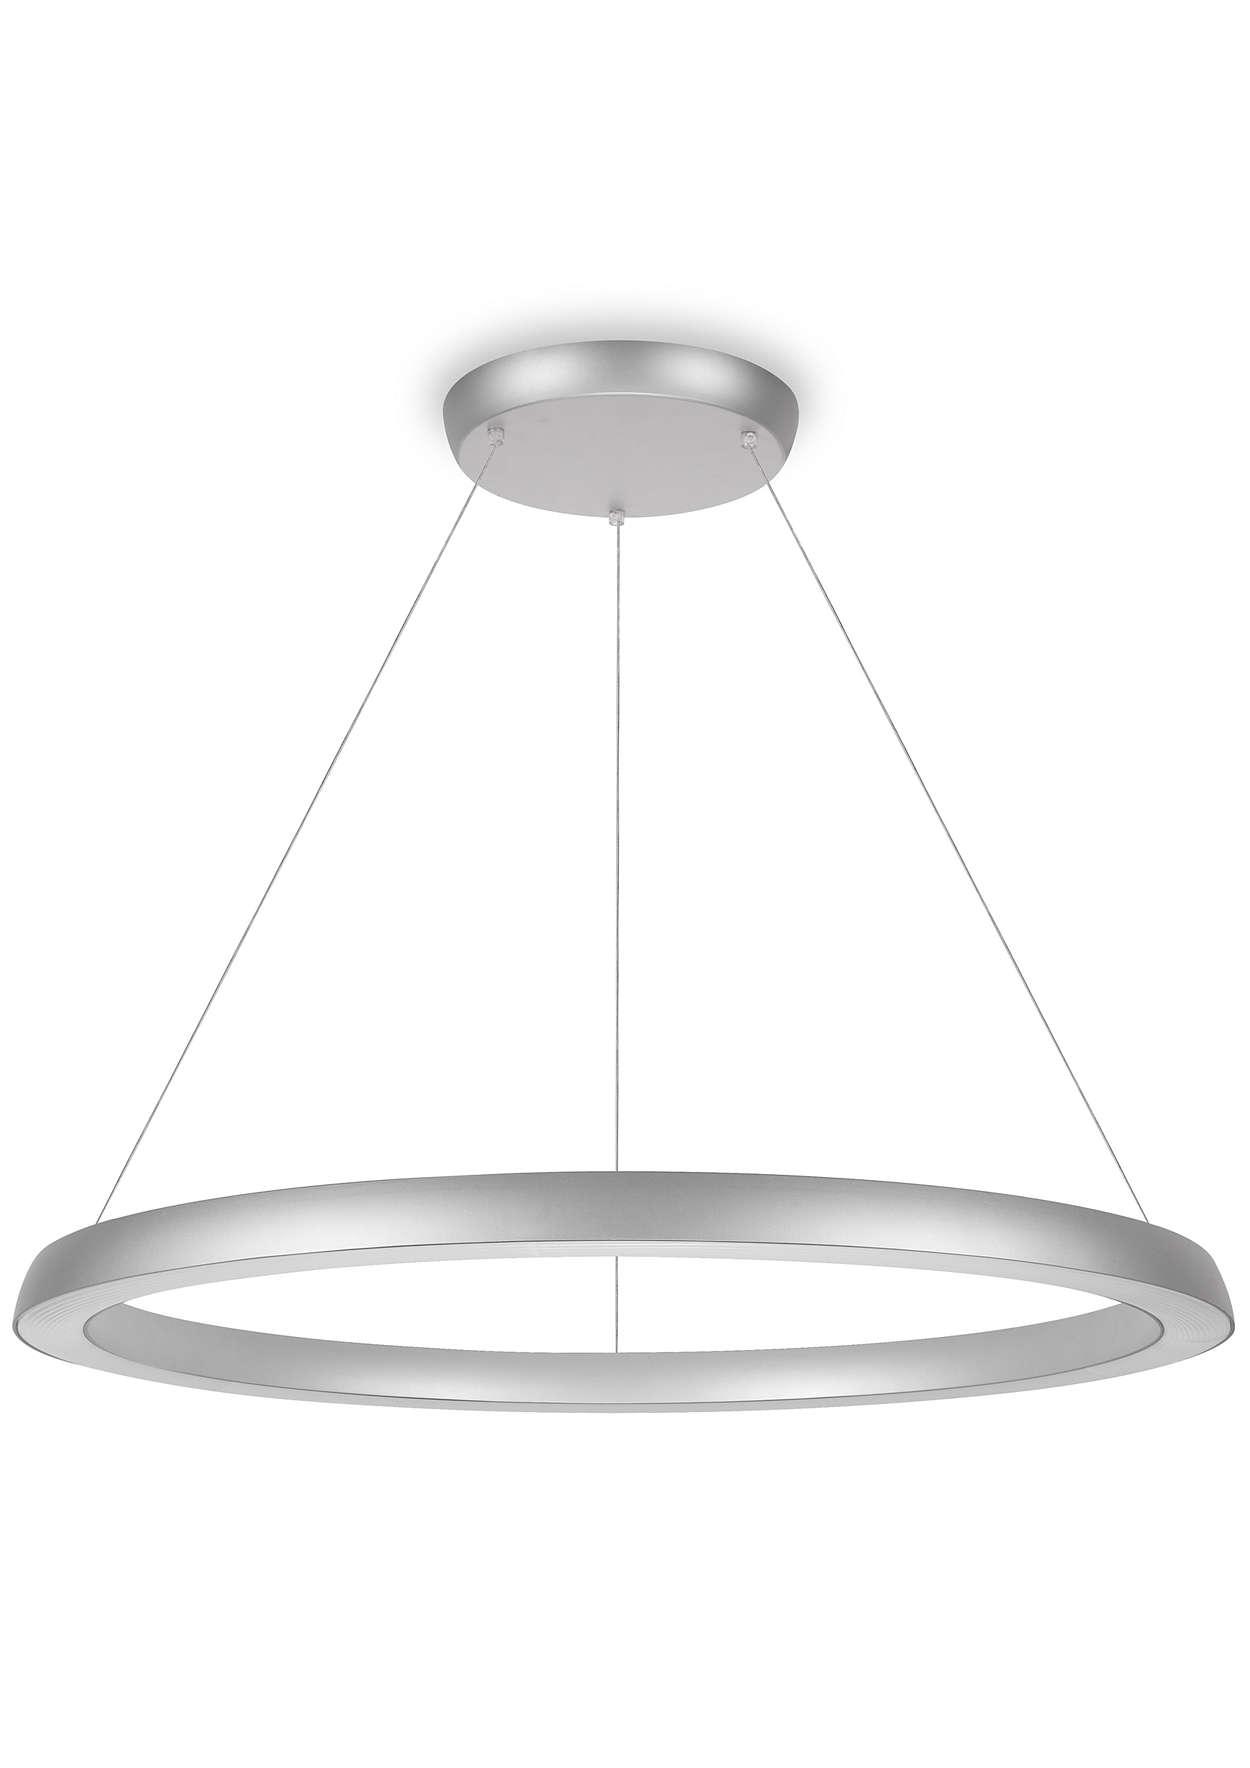 suspension light 580904866 philips. Black Bedroom Furniture Sets. Home Design Ideas